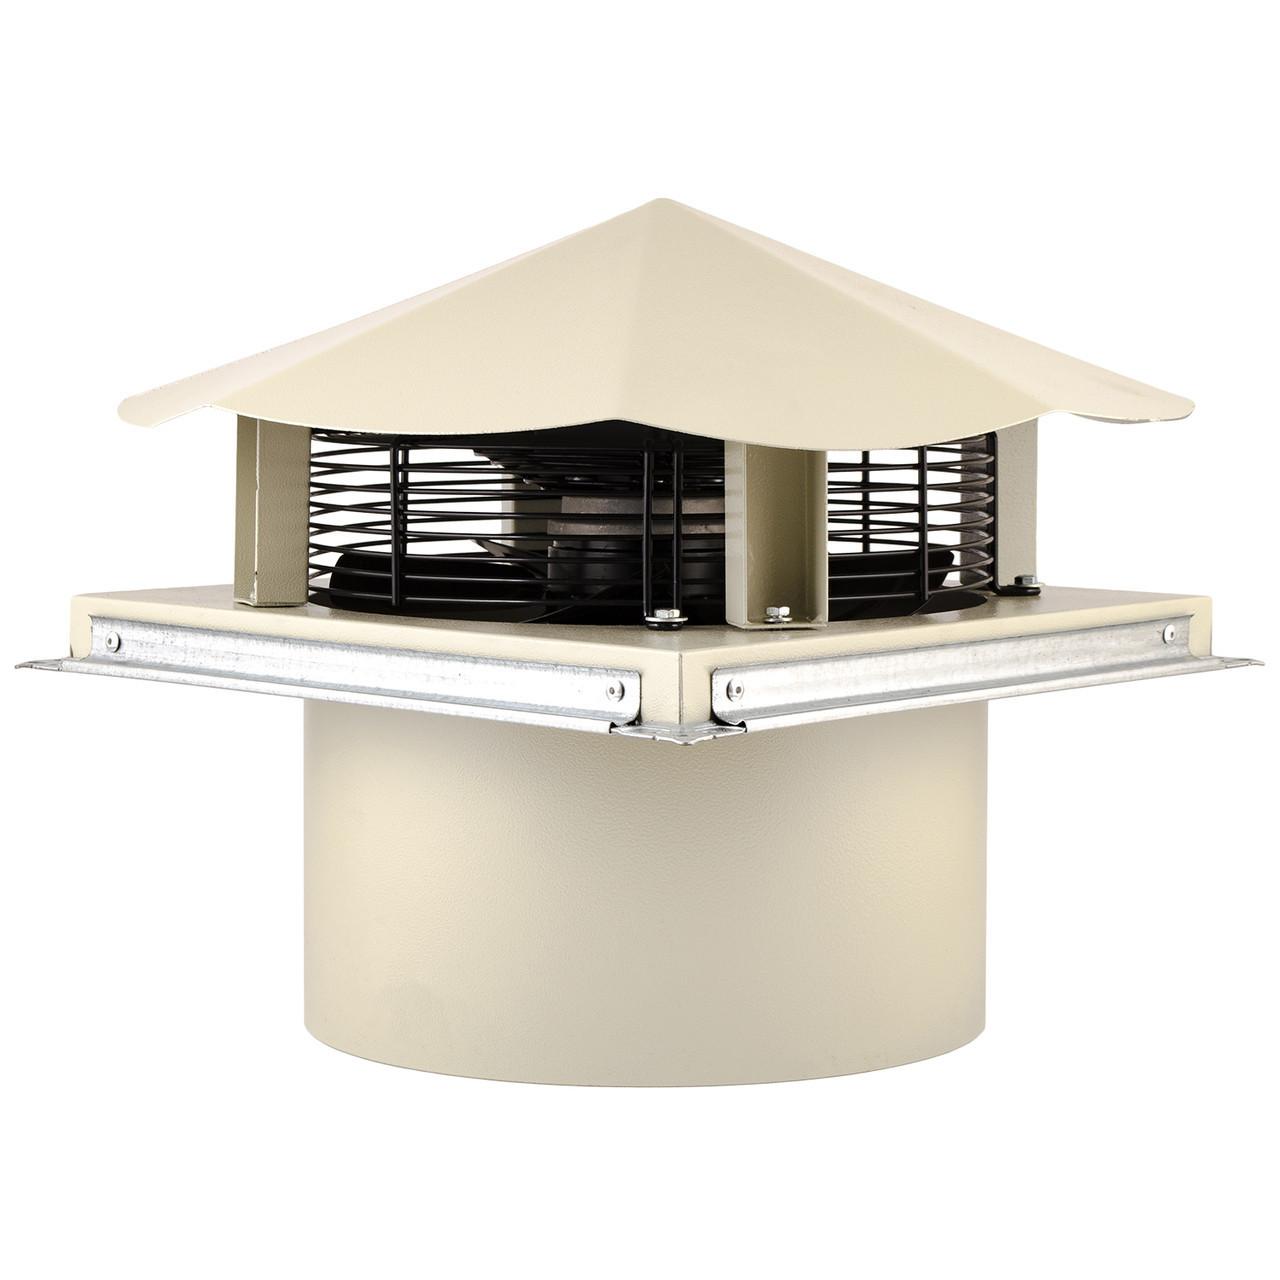 Осьовий даховий вентилятор Турбовент КВО 350